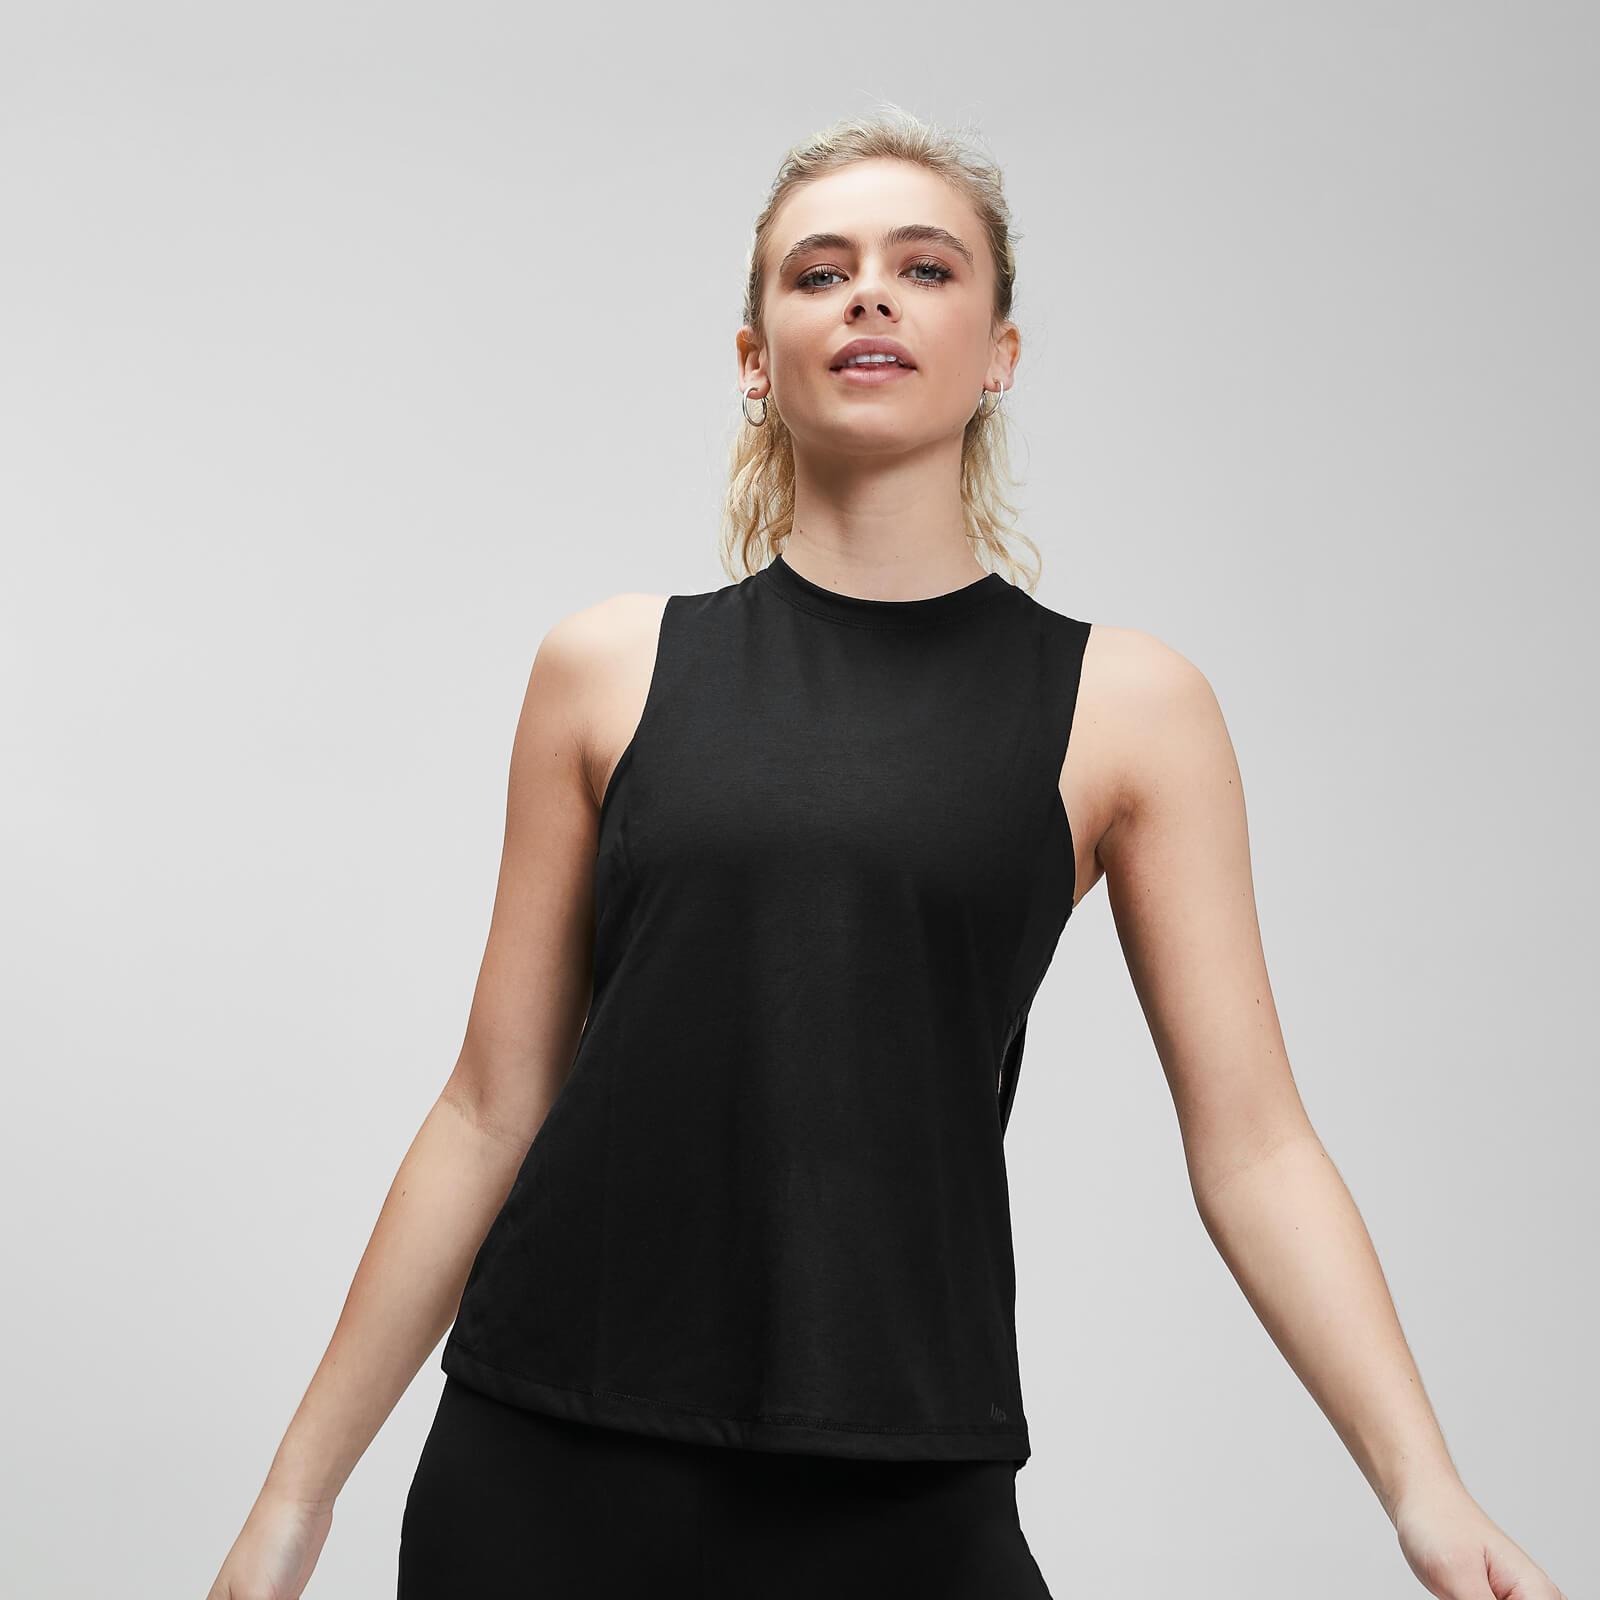 Mp Canotta sportiva con giromanica aio  Essentials da donna - Nera - XXL